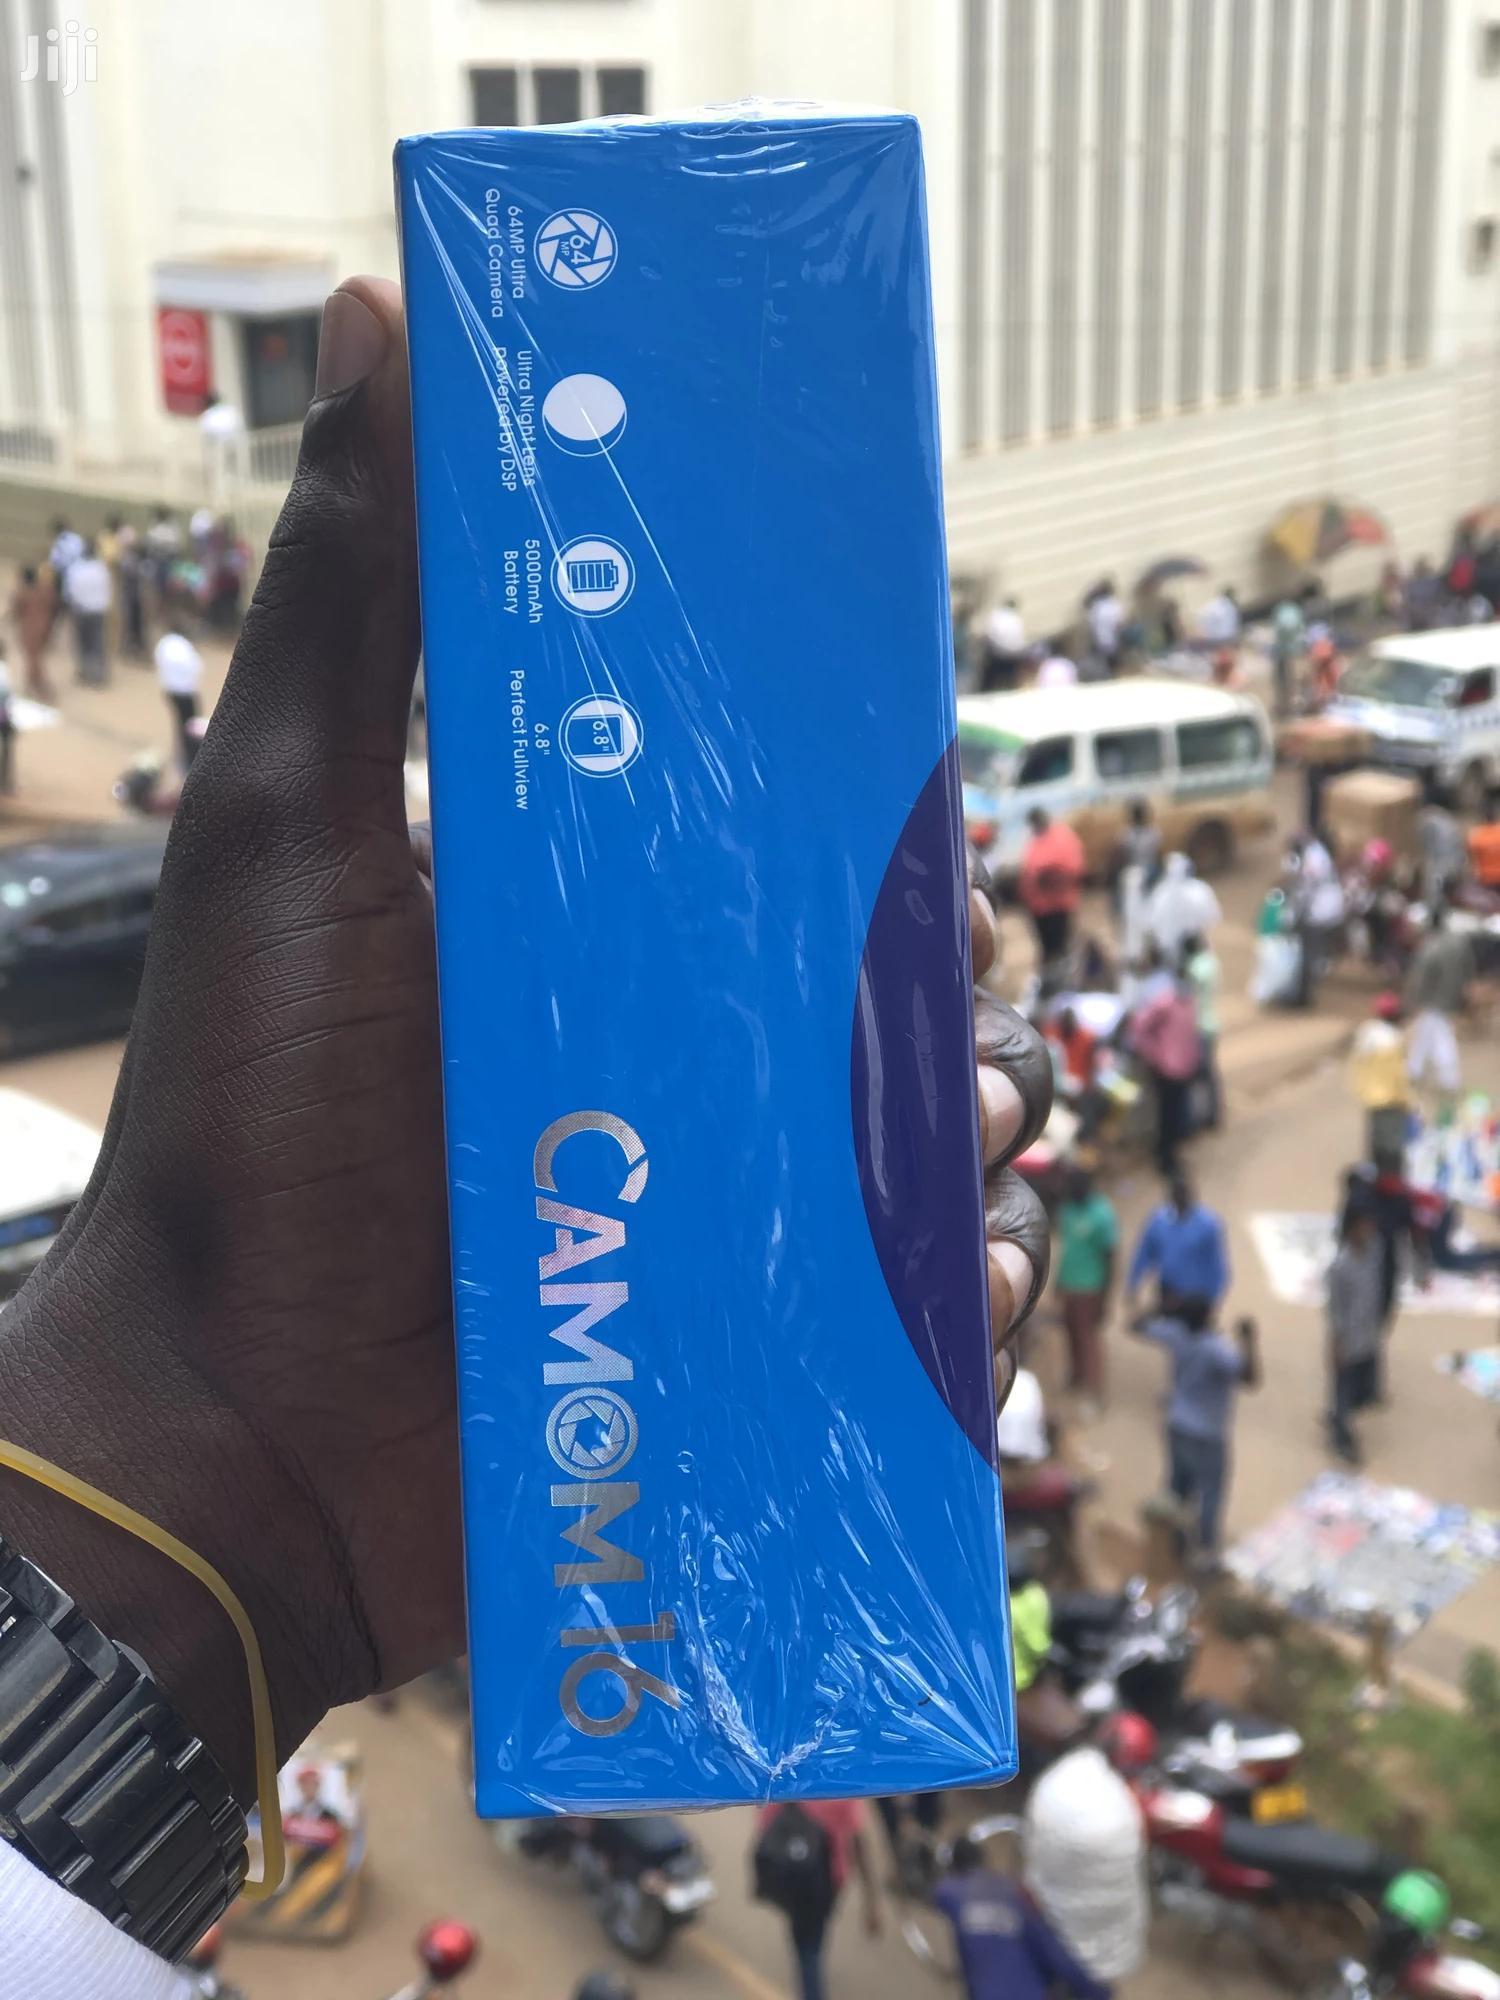 New Tecno Camon 16 64 GB | Mobile Phones for sale in Kampala, Central Region, Uganda